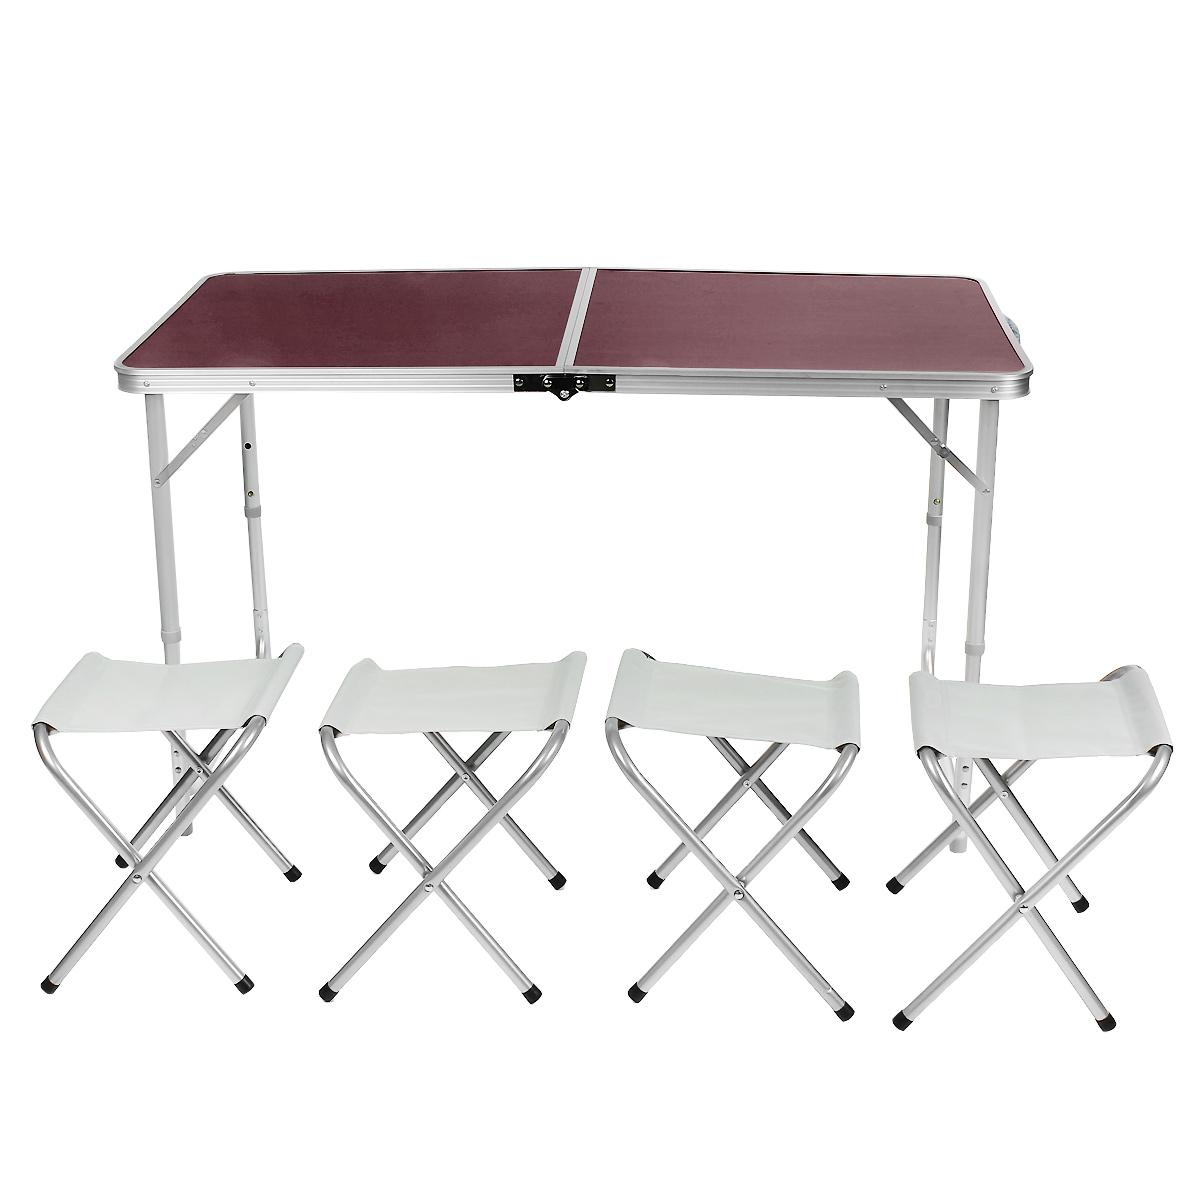 Набор складной мебели Happy Camper, 5 предметовNF-20504Стол складной Happy Camperс 4 стульями - это незаменимый предмет походной мебели, очень удобен в эксплуатации. Каркас складного стола выполнен из алюминия, а столешница из МДФ. Стол легко собирается и разбирается и не занимает много места, поэтому подходит для транспортировки и хранения дома. Складывается в виде чемоданчика.Характеристики: Материал ножек: алюминий. Материал поверхности: МДФ. Размеры в разложенном виде: 120 см х 60 см х 70 см. Размеры в сложенном виде: 70 см х 6 см х 50 см. Максимальная нагрузка: 30 кг. Размер стула (ДхШхВ): 34 см х 28 см х 36 см.